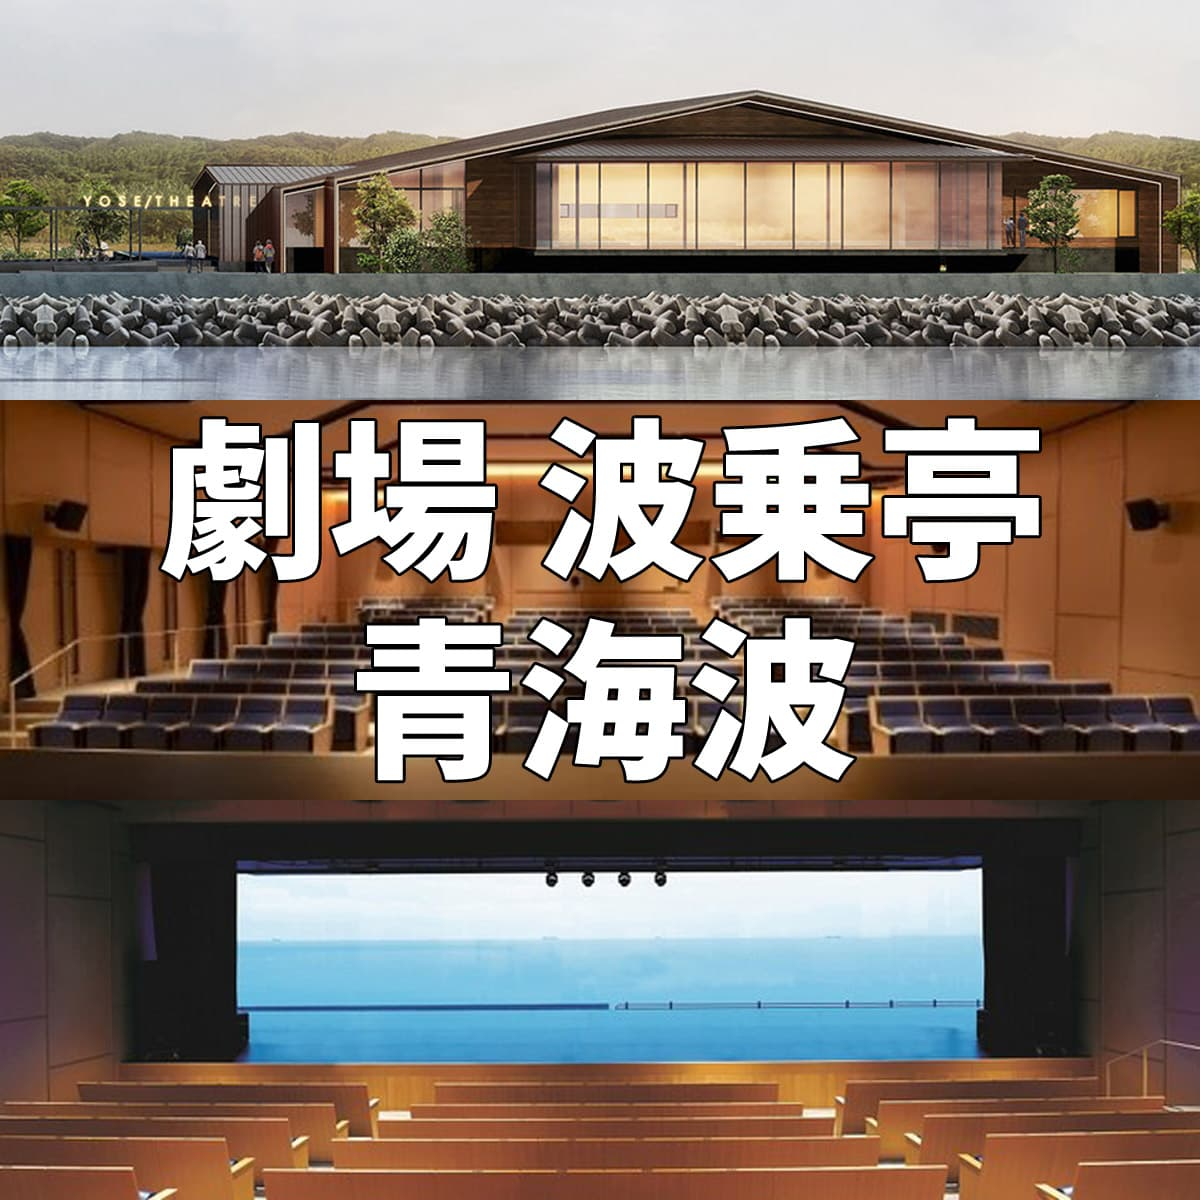 劇場「波乗亭」公演情報 青海波